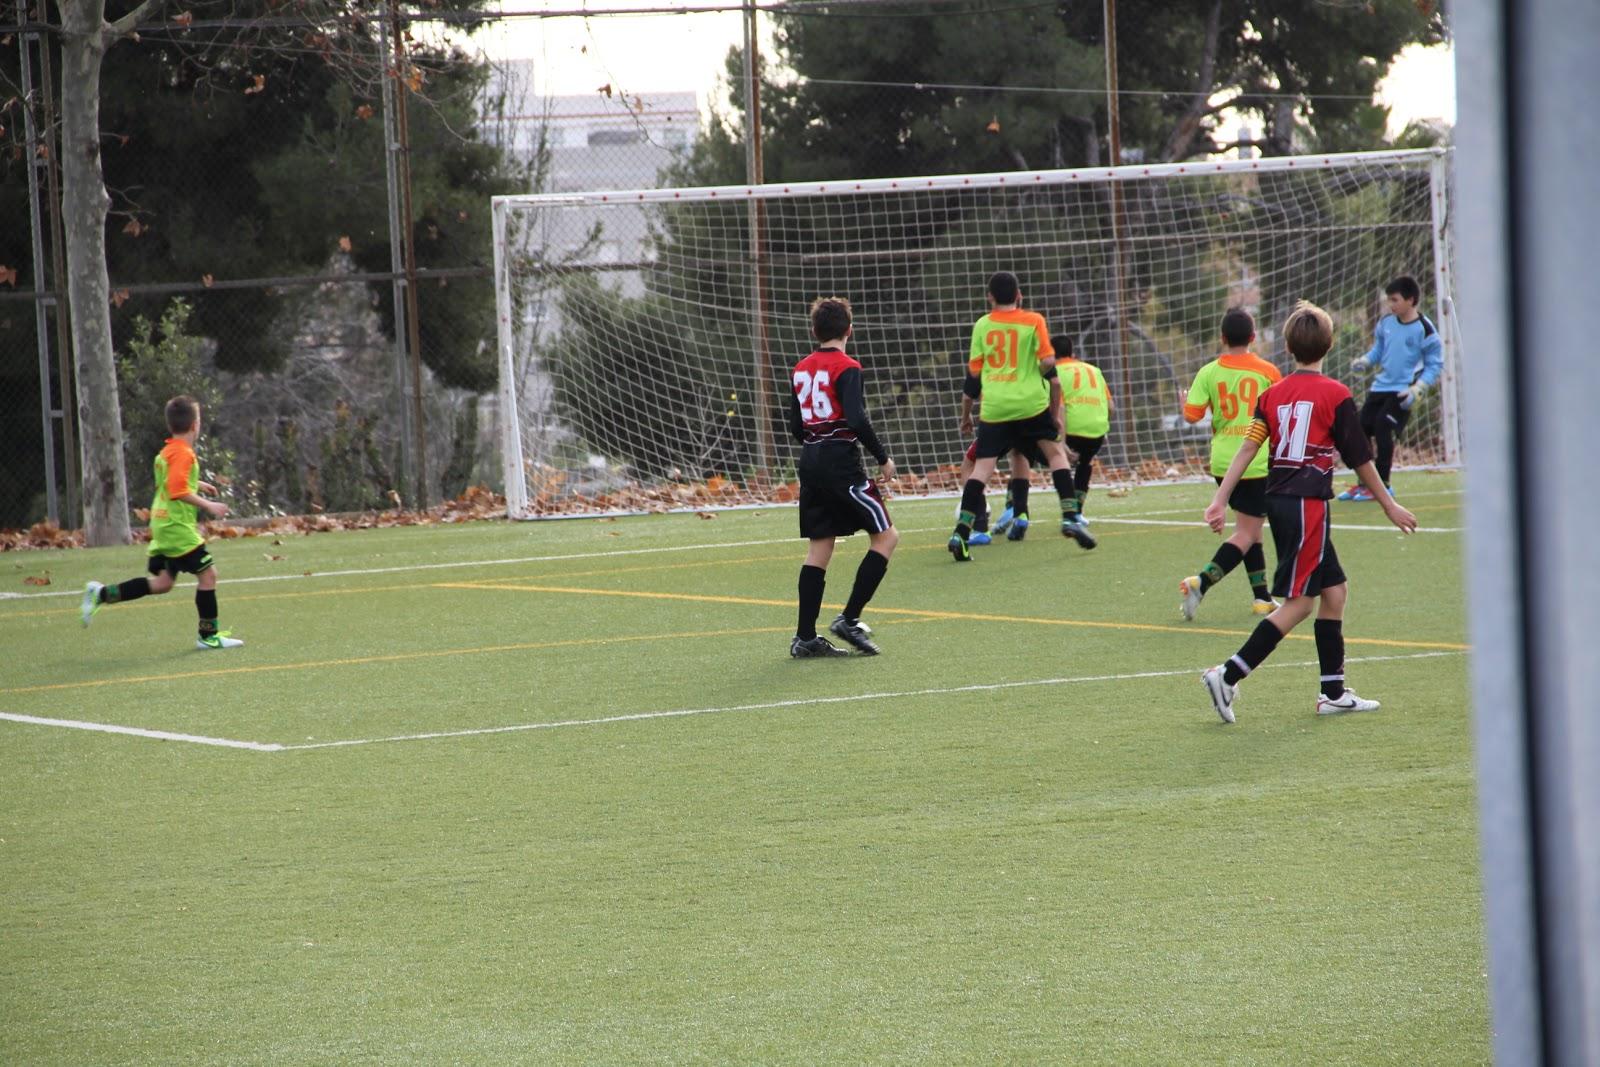 La salle bonanova futbol infantil 2012 13 peque itos for Piscina la salle bonanova